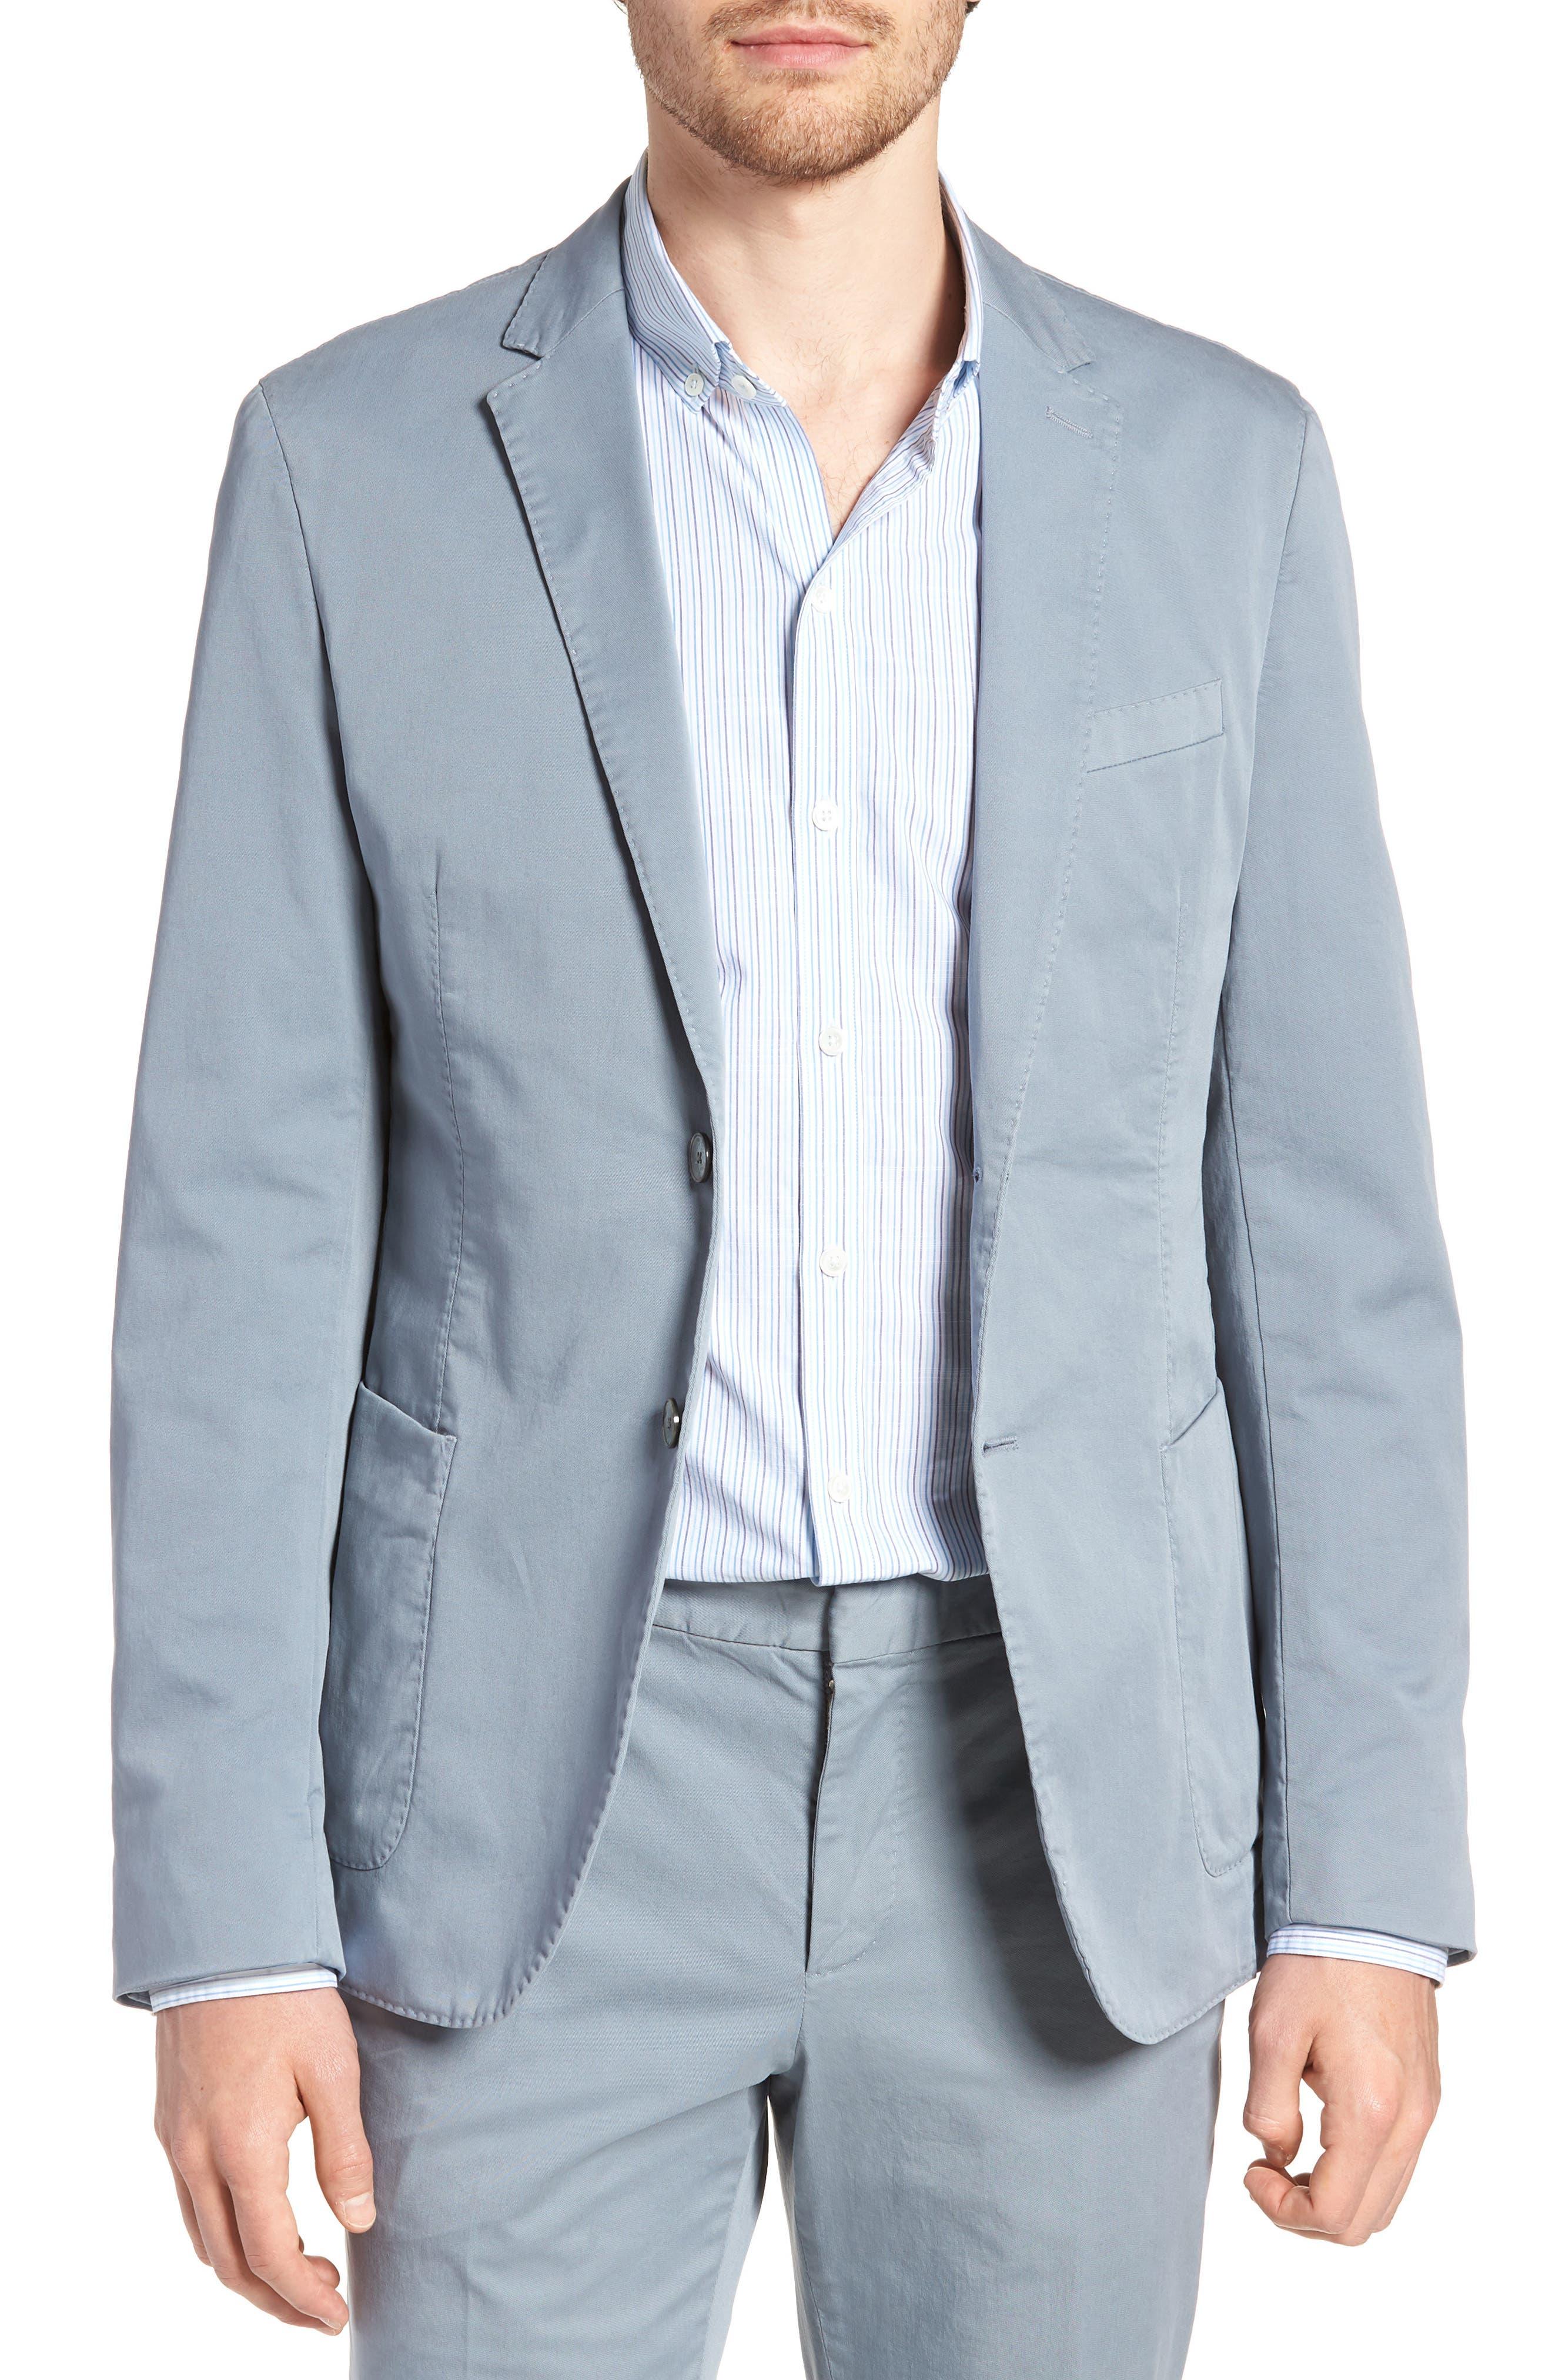 Hanry-D Trim Fit Stretch Cotton Blazer,                         Main,                         color, BLUE